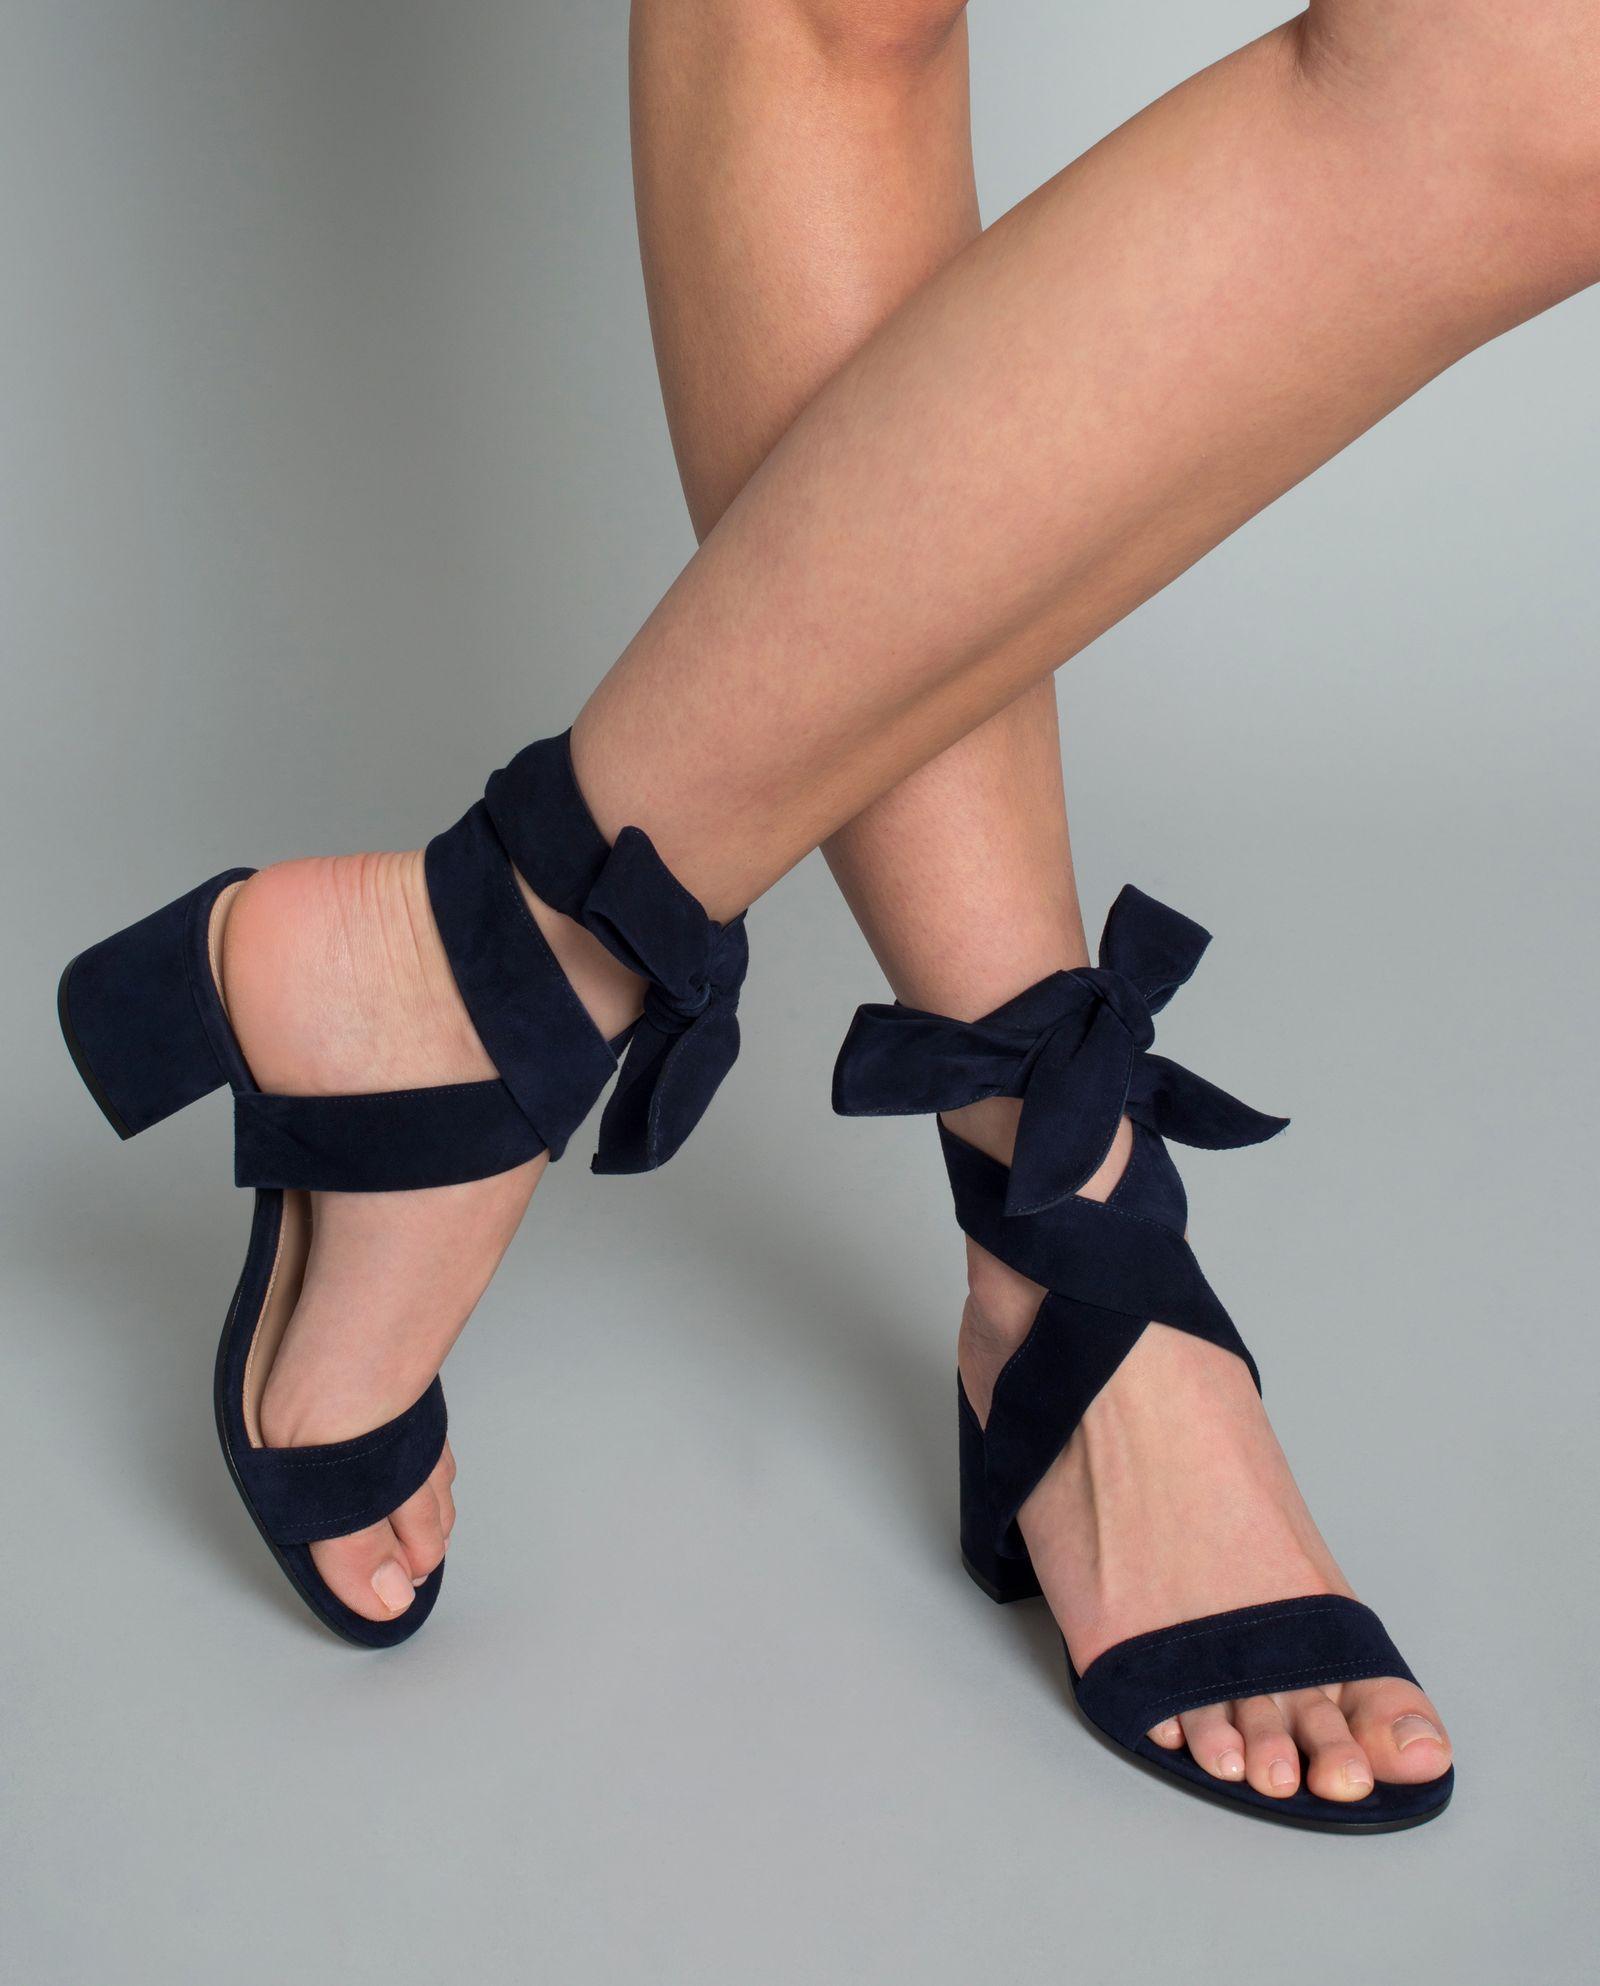 95010ae23d6 Semišové sandály s vázáním GIANVITO ROSSI – Kup teď! Nejlepší ceny a  recenze! Obchod Moliera2.cz.